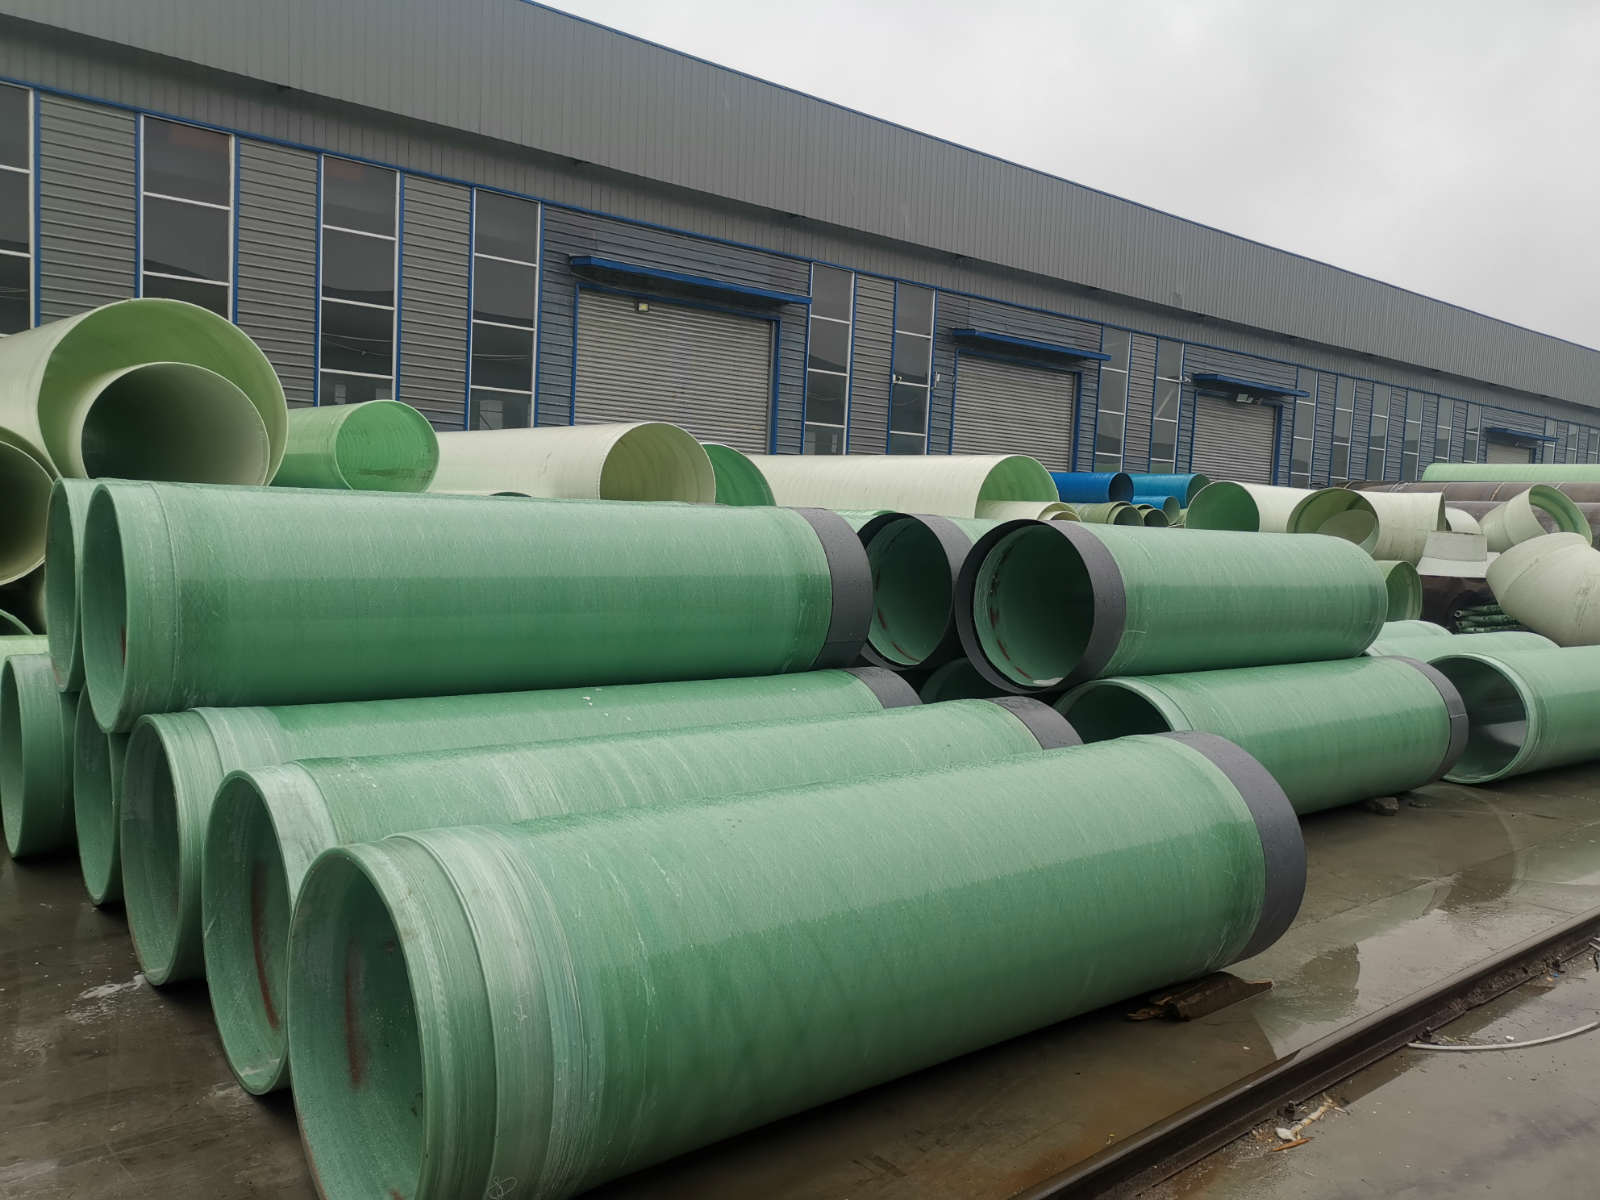 东莞直径900公分玻璃钢管道什么功能作用